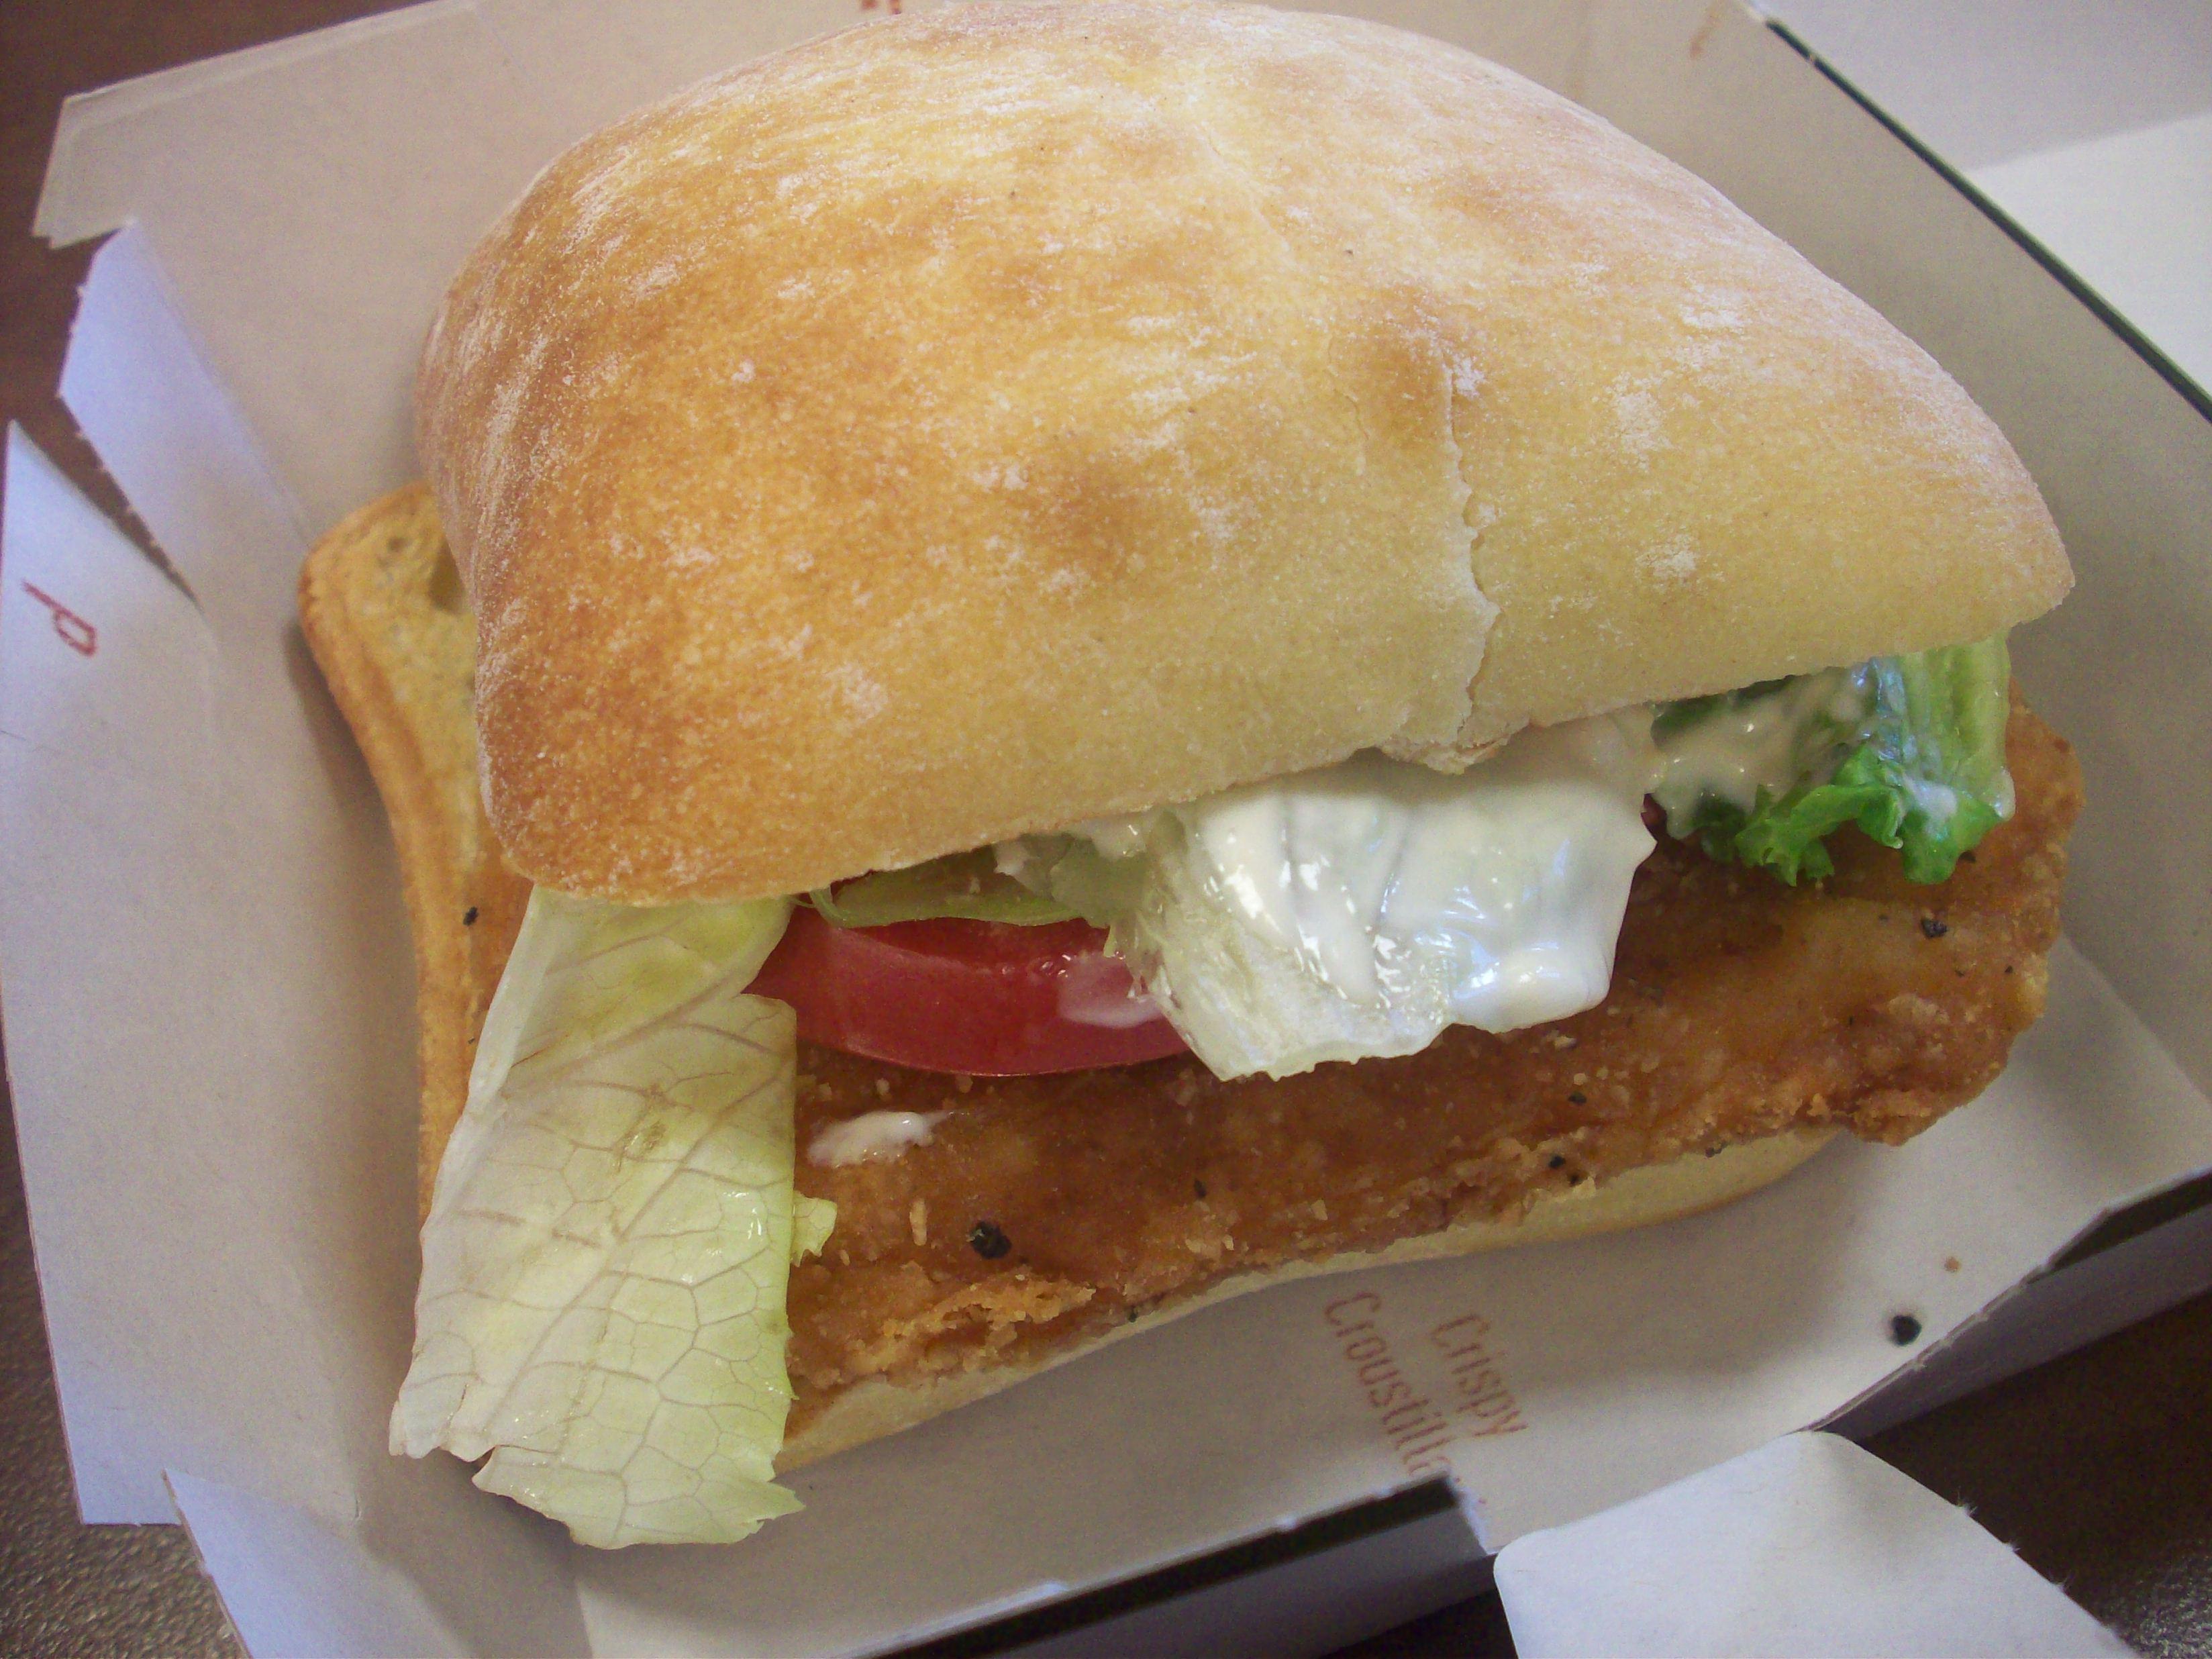 http://foodloader.net/cutie_2010-10-17_Crispy_Chicken.jpg